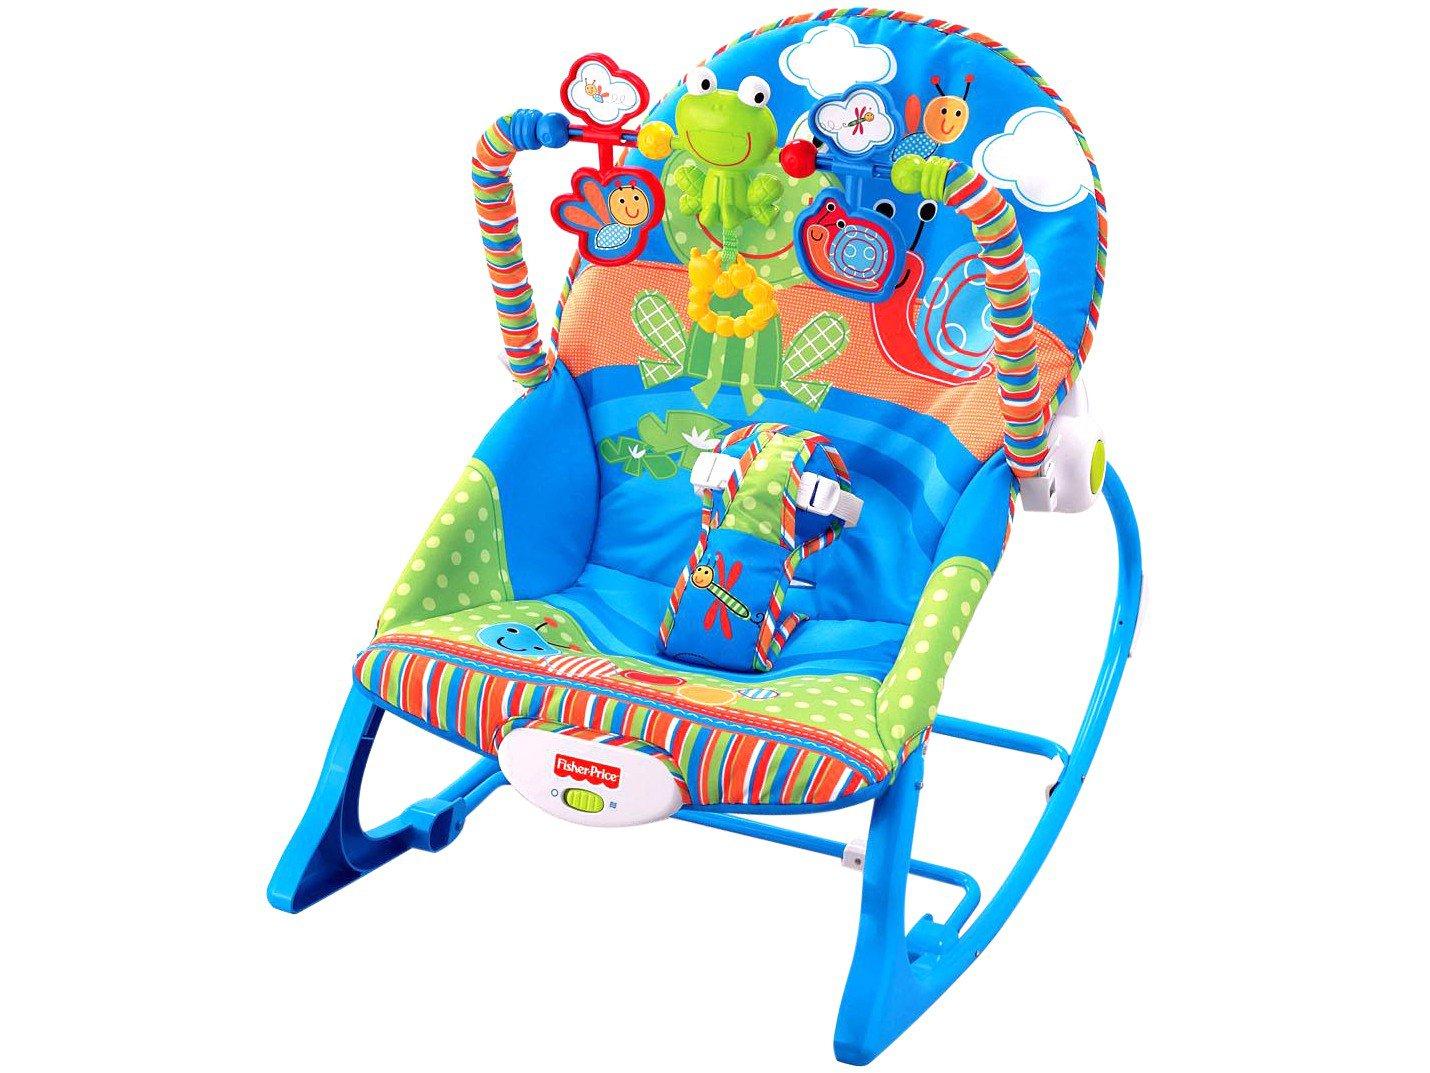 Cadeira de Descanso Vibratória Fisher-Price Crescendo Comigo Sapinho - 0 a 18kg - Azul - 7